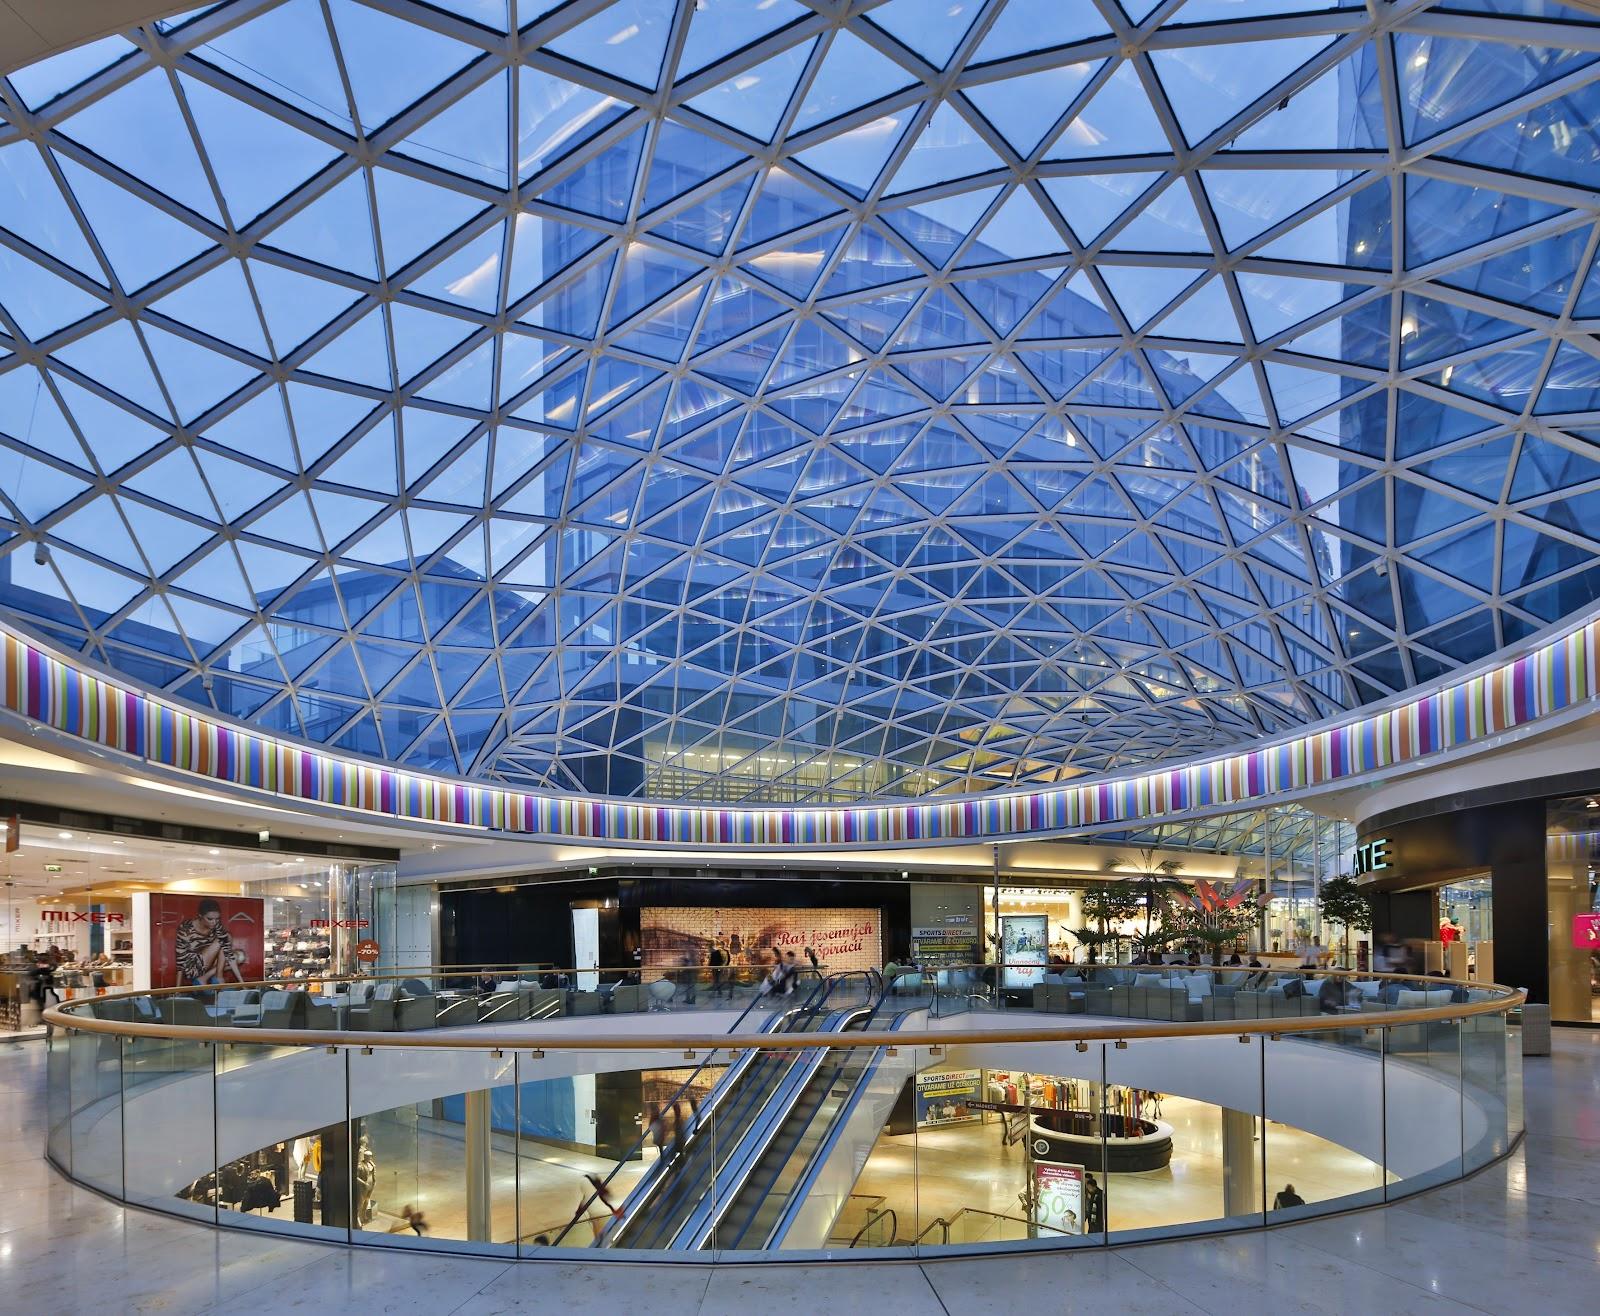 Sử dụng tấm lợp lấy sáng trong trung tâm thương mại giúp mang lại giá trị thẩm mỹ cao hơn